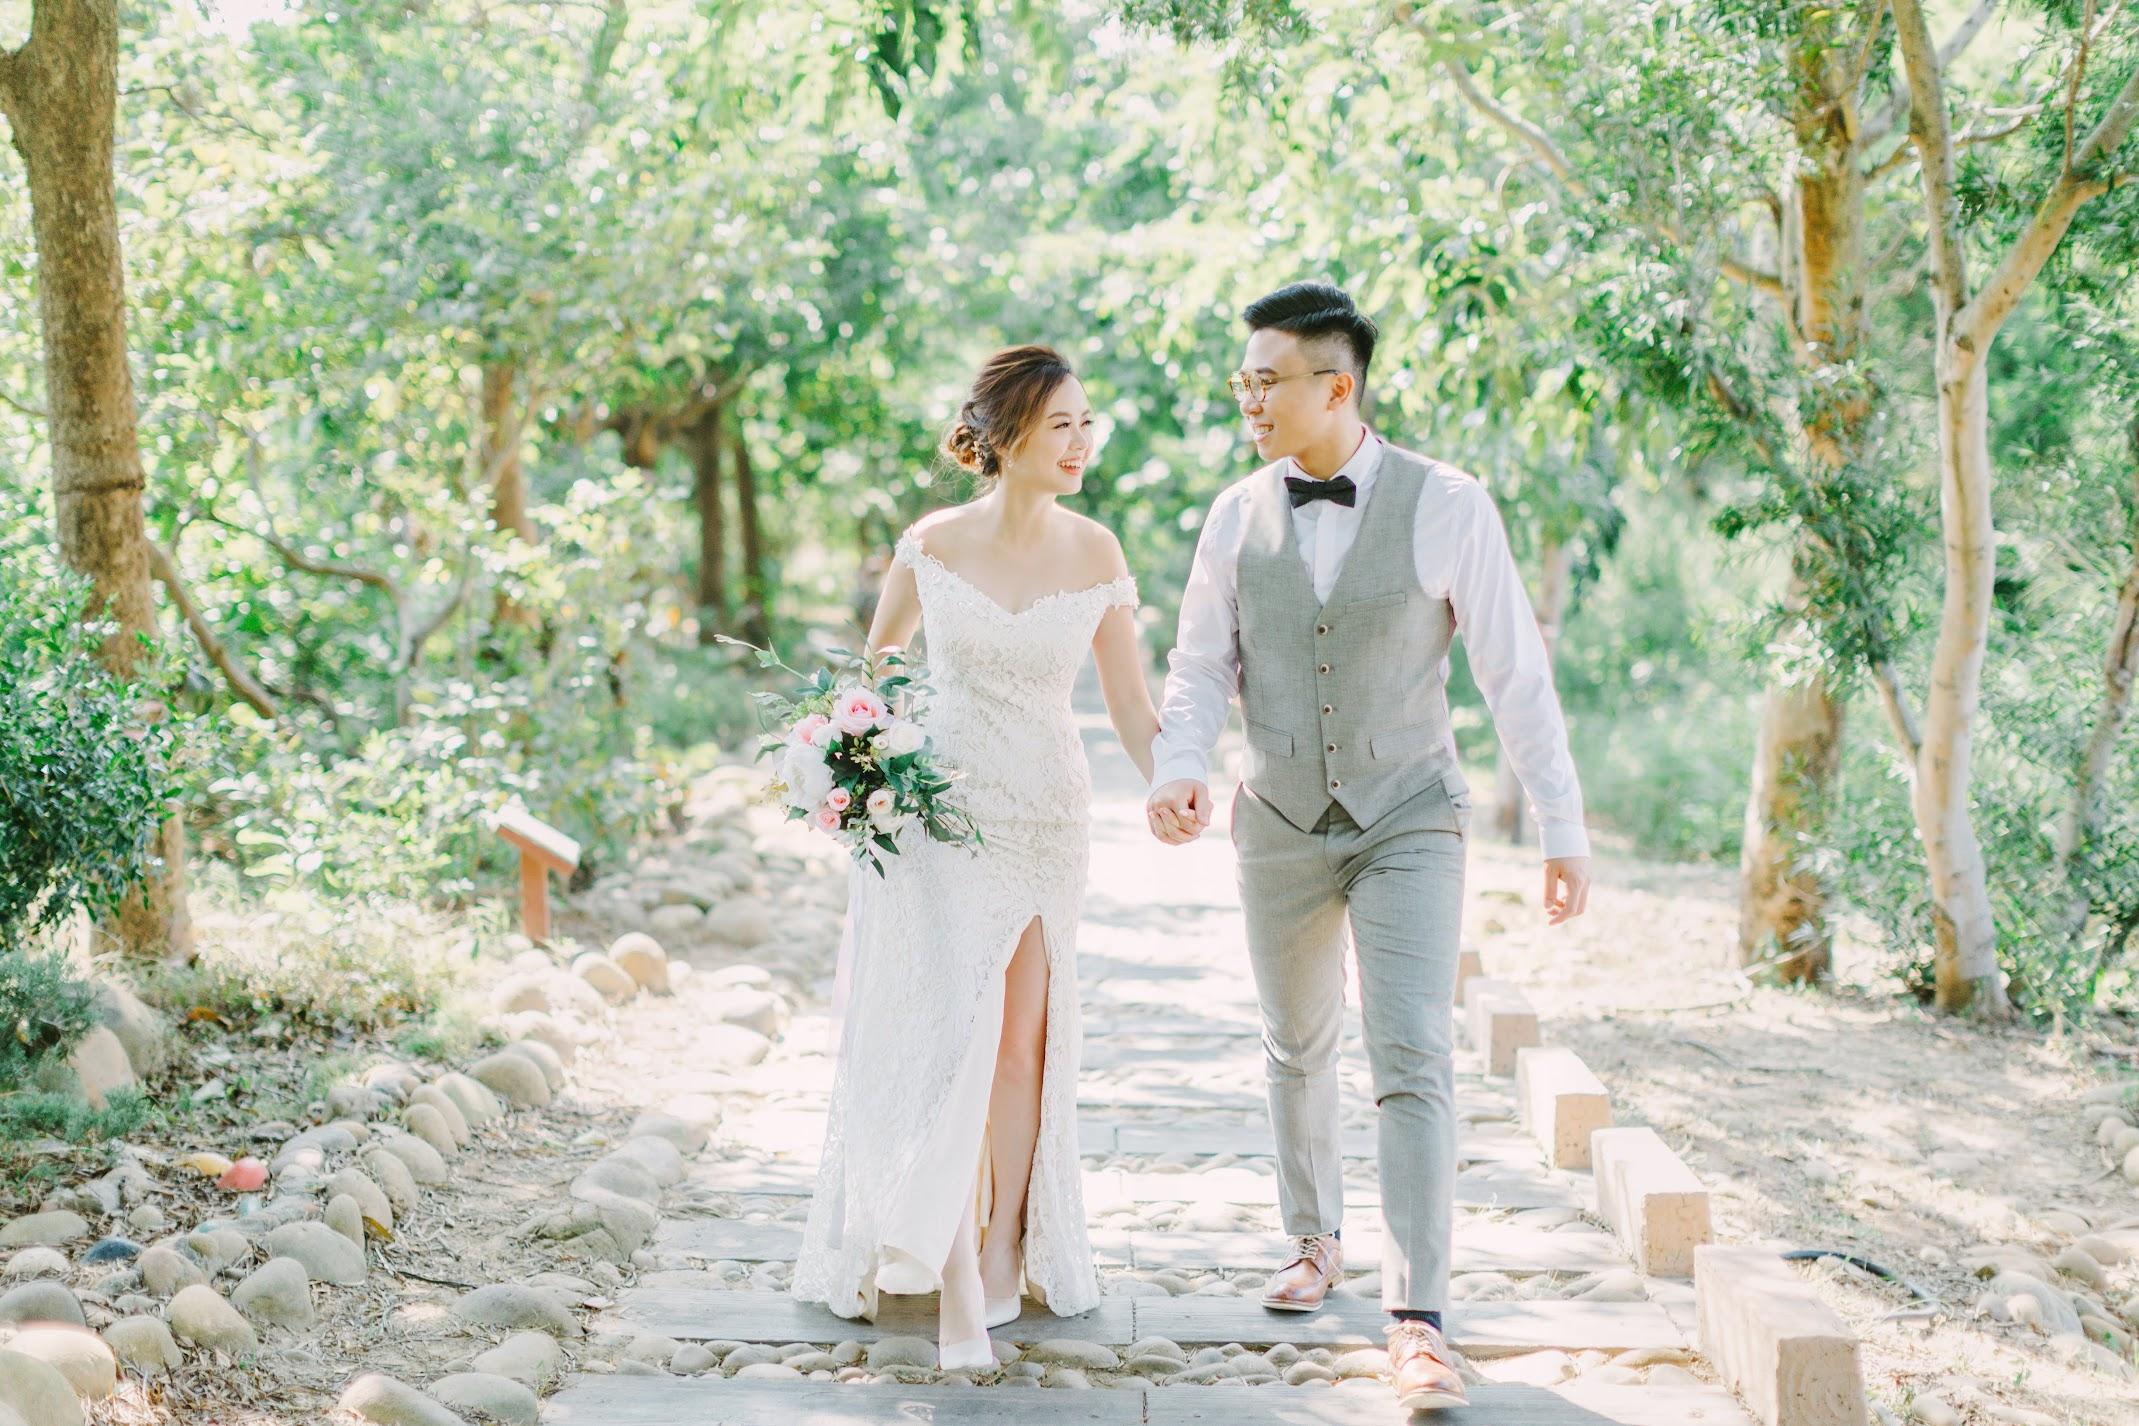 美式婚紗,香港 旅遊婚紗,AG 婚紗,Amazing Grace 婚紗,Fine Art 婚紗,美式婚禮紀錄